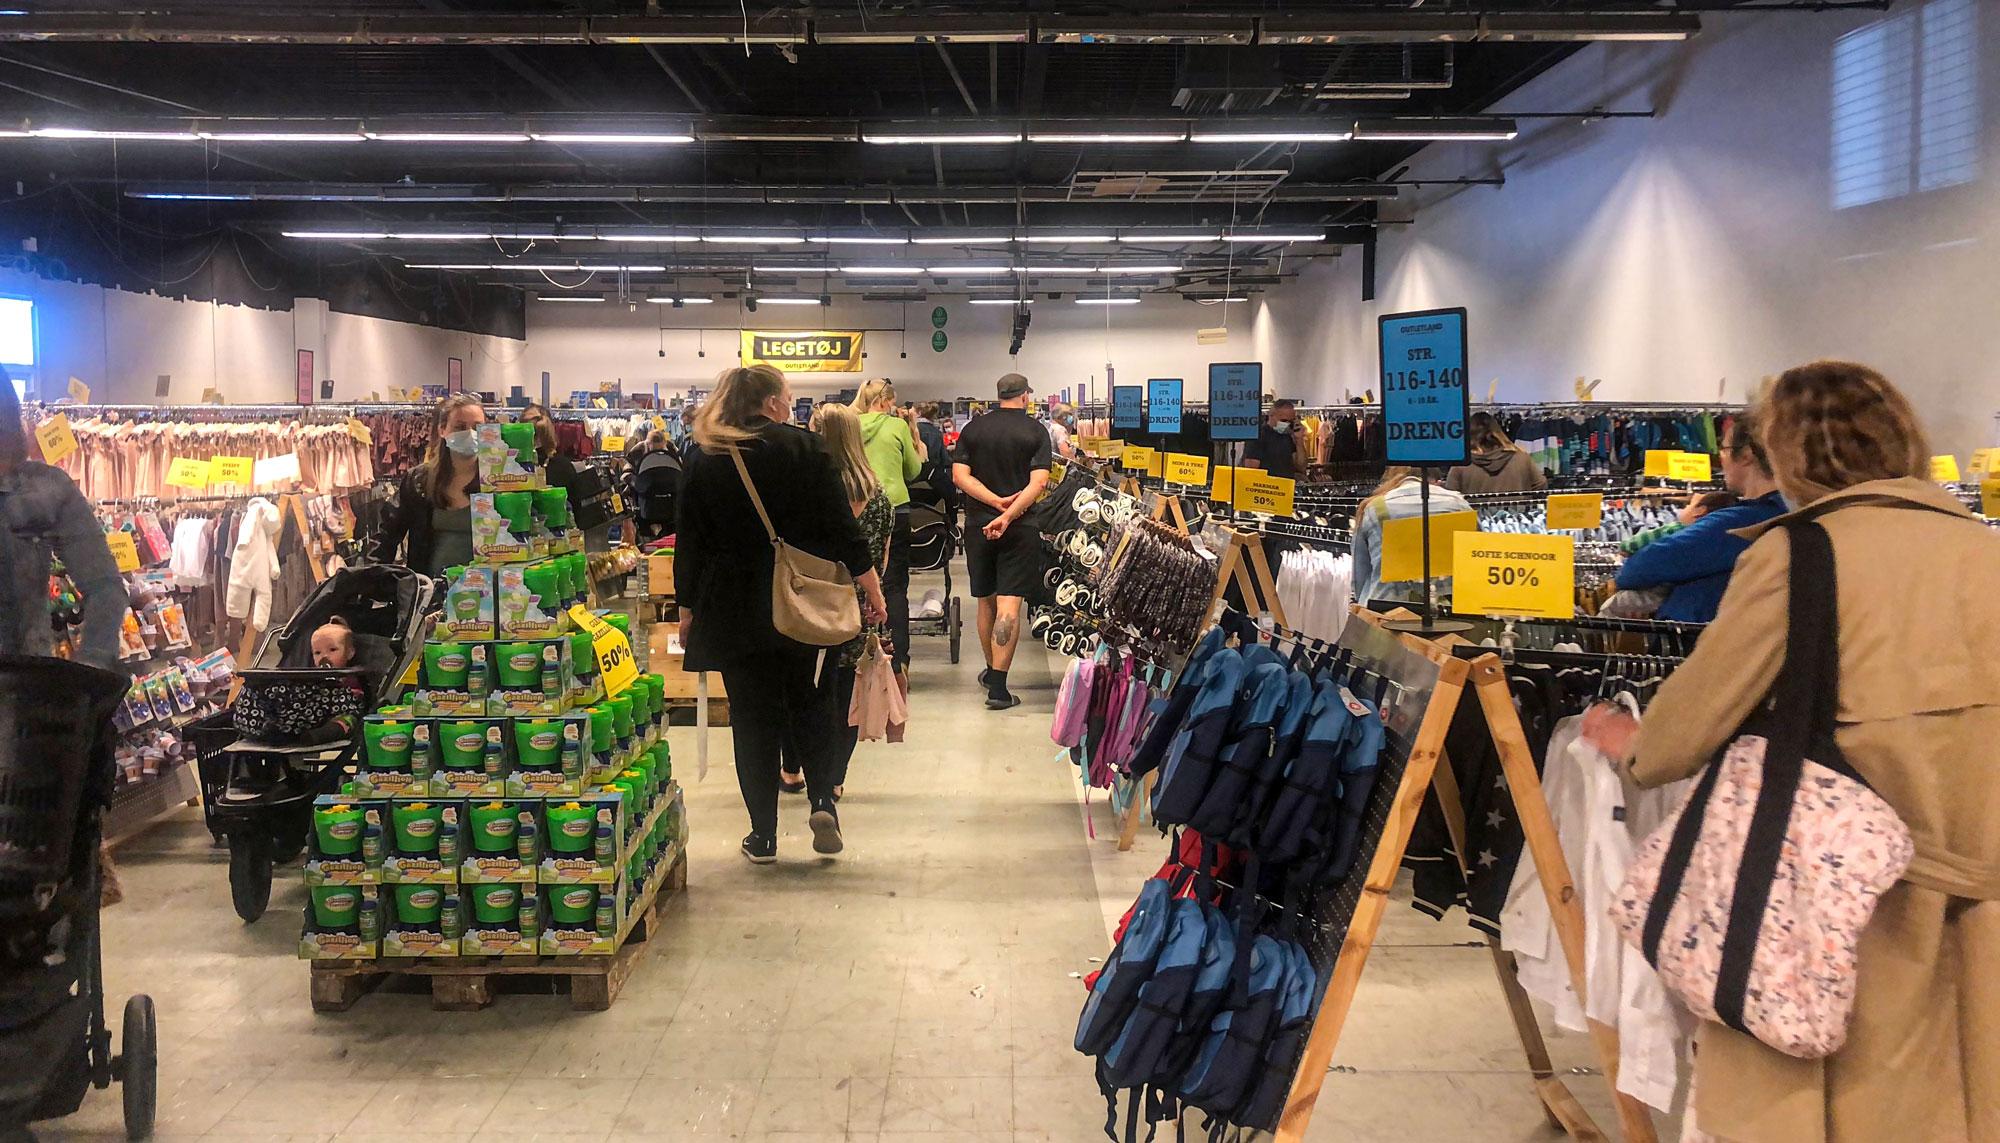 Outletland åbnede i dag: Kæmpe børnetøjsoutlet er fyldt med mærkevarer